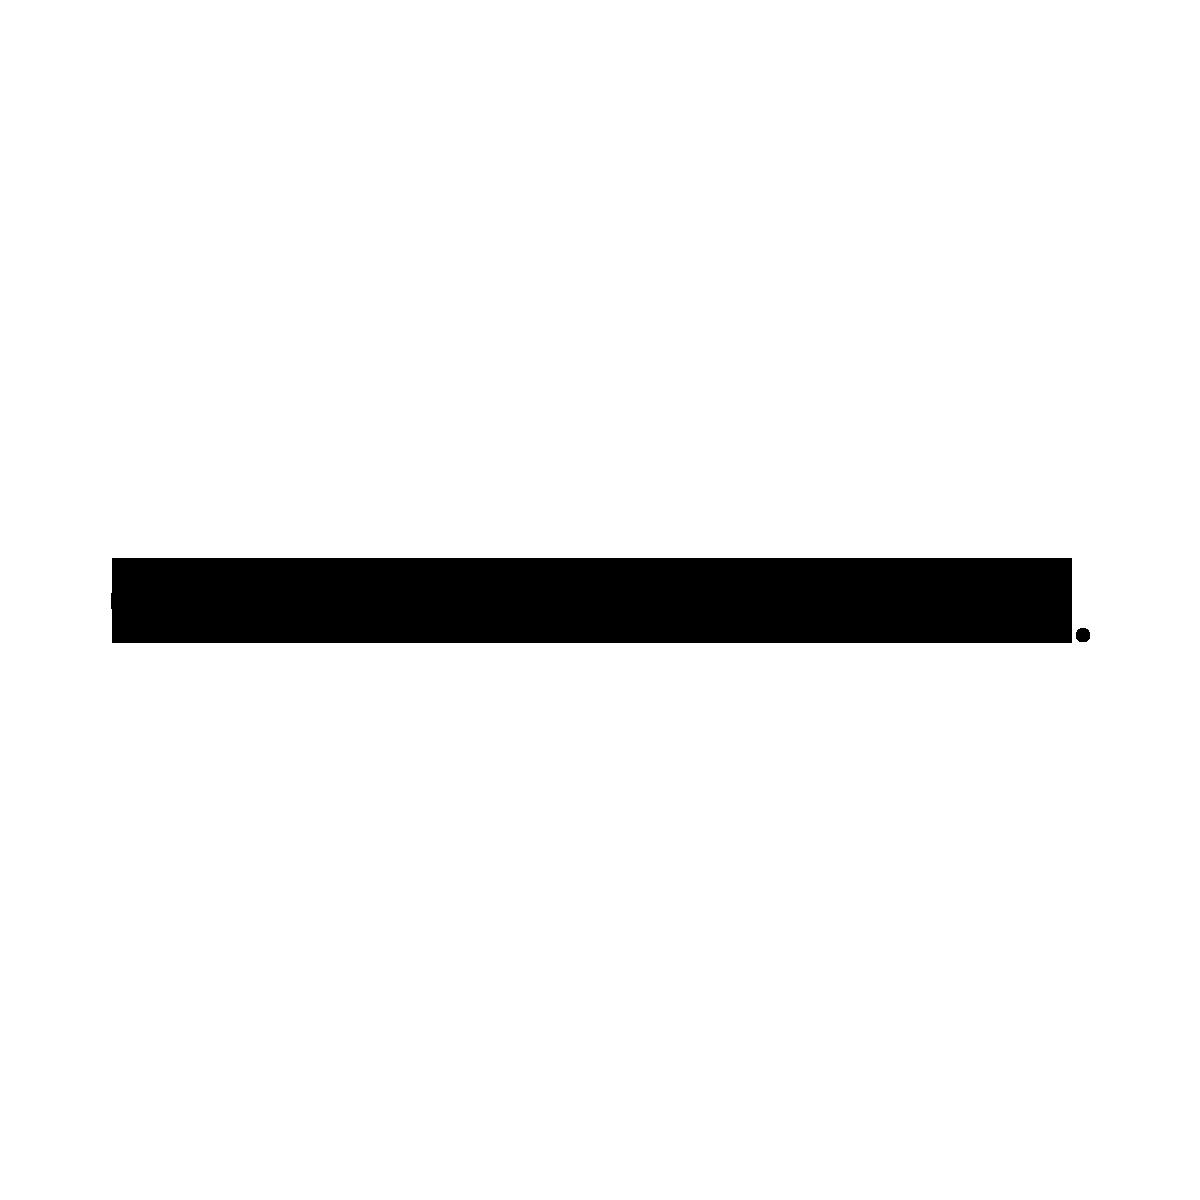 Espadrille-loafer-suède-rood